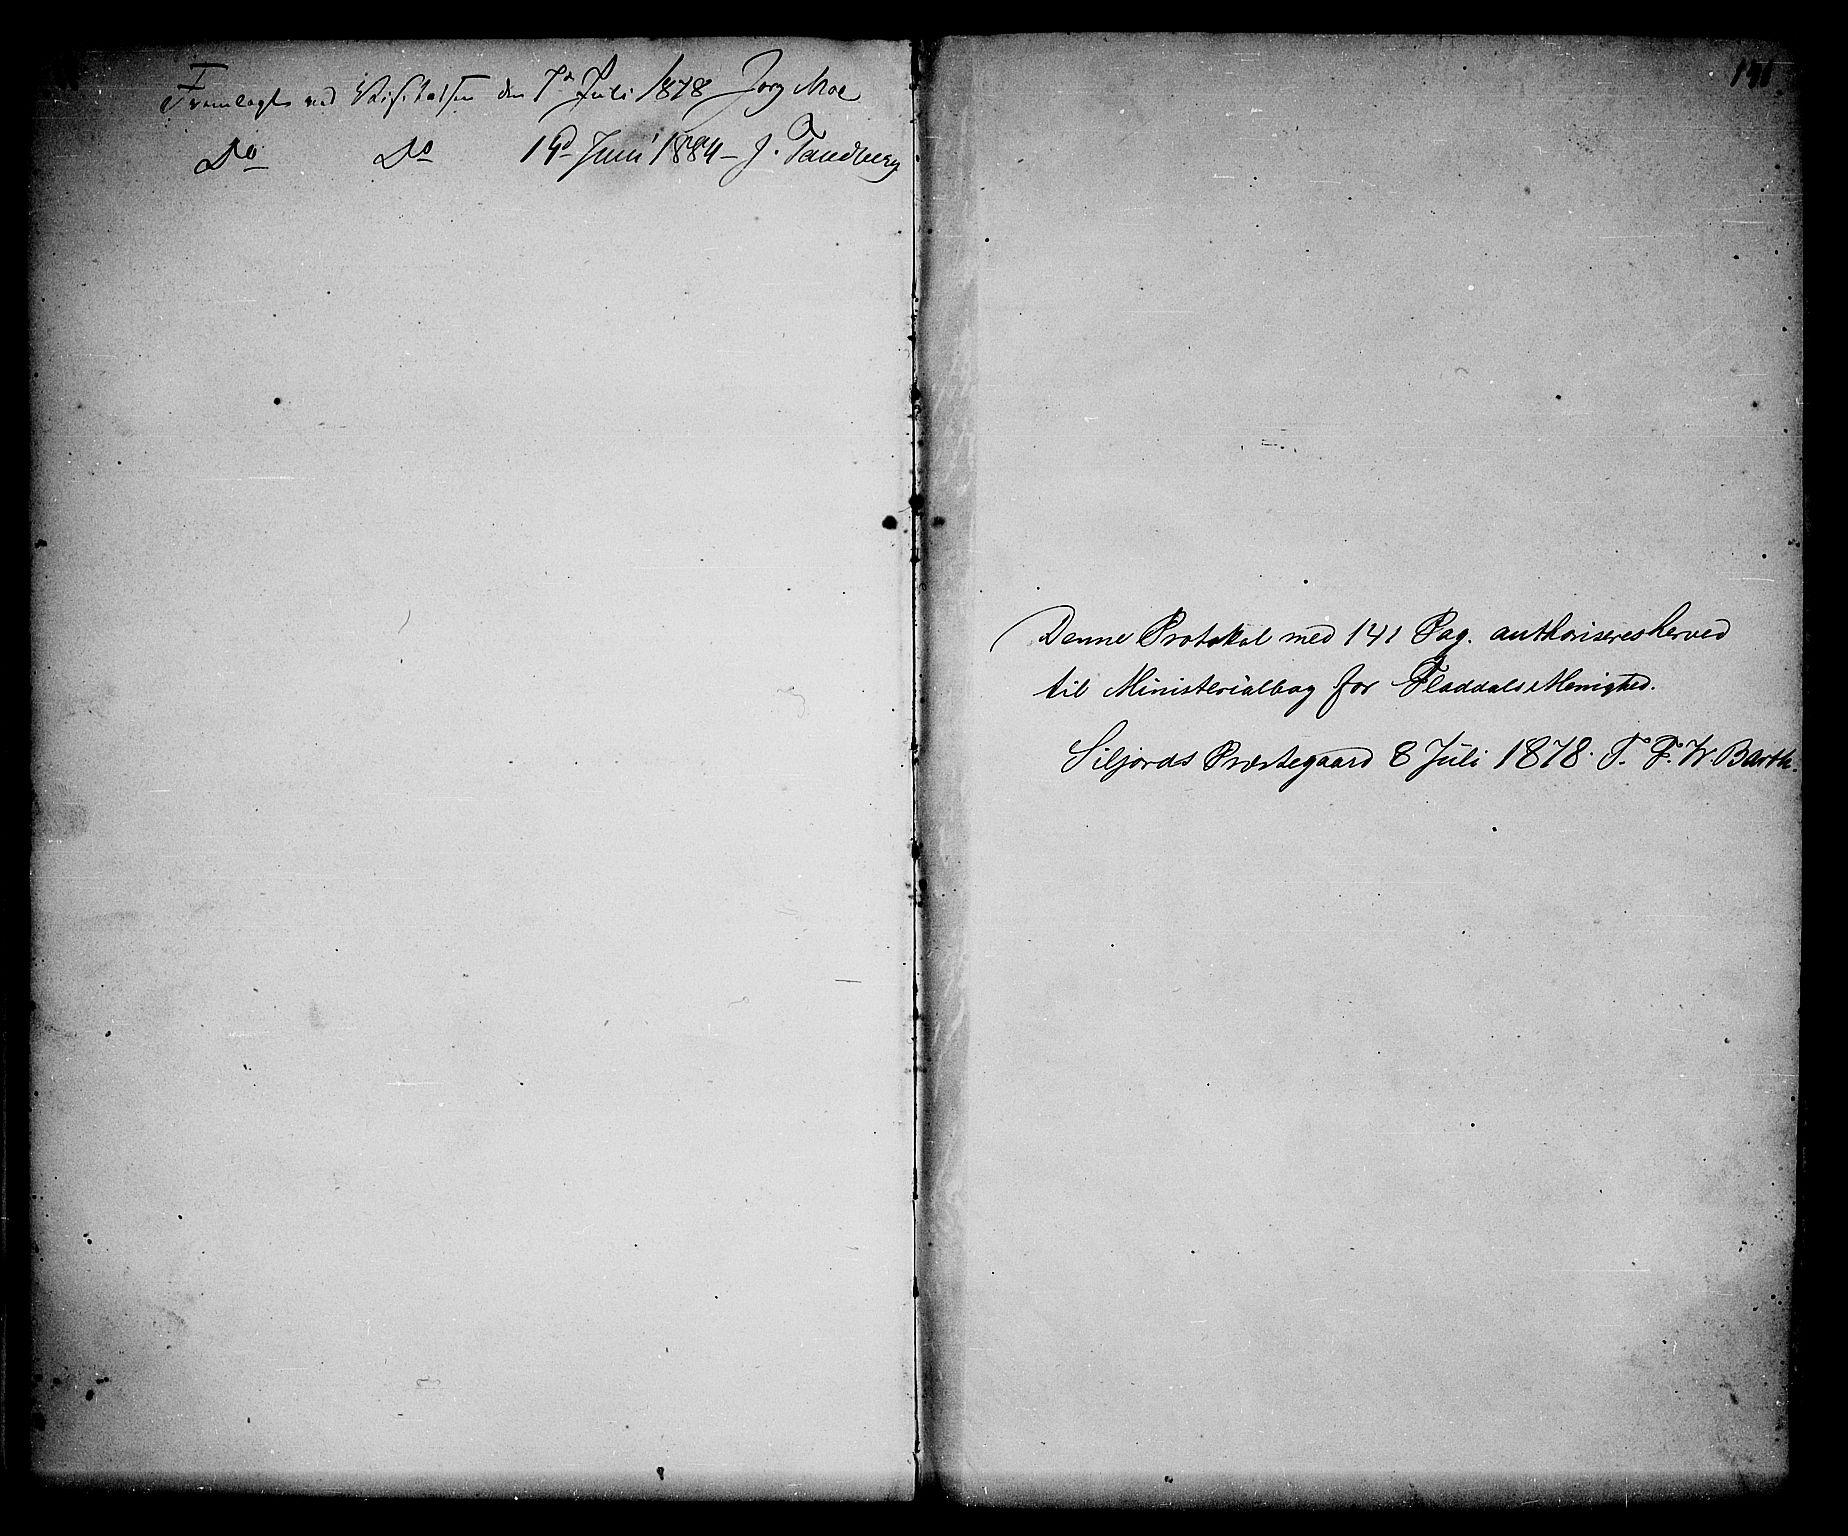 SAKO, Seljord kirkebøker, G/Gb/L0003: Klokkerbok nr. II 3, 1863-1884, s. 141